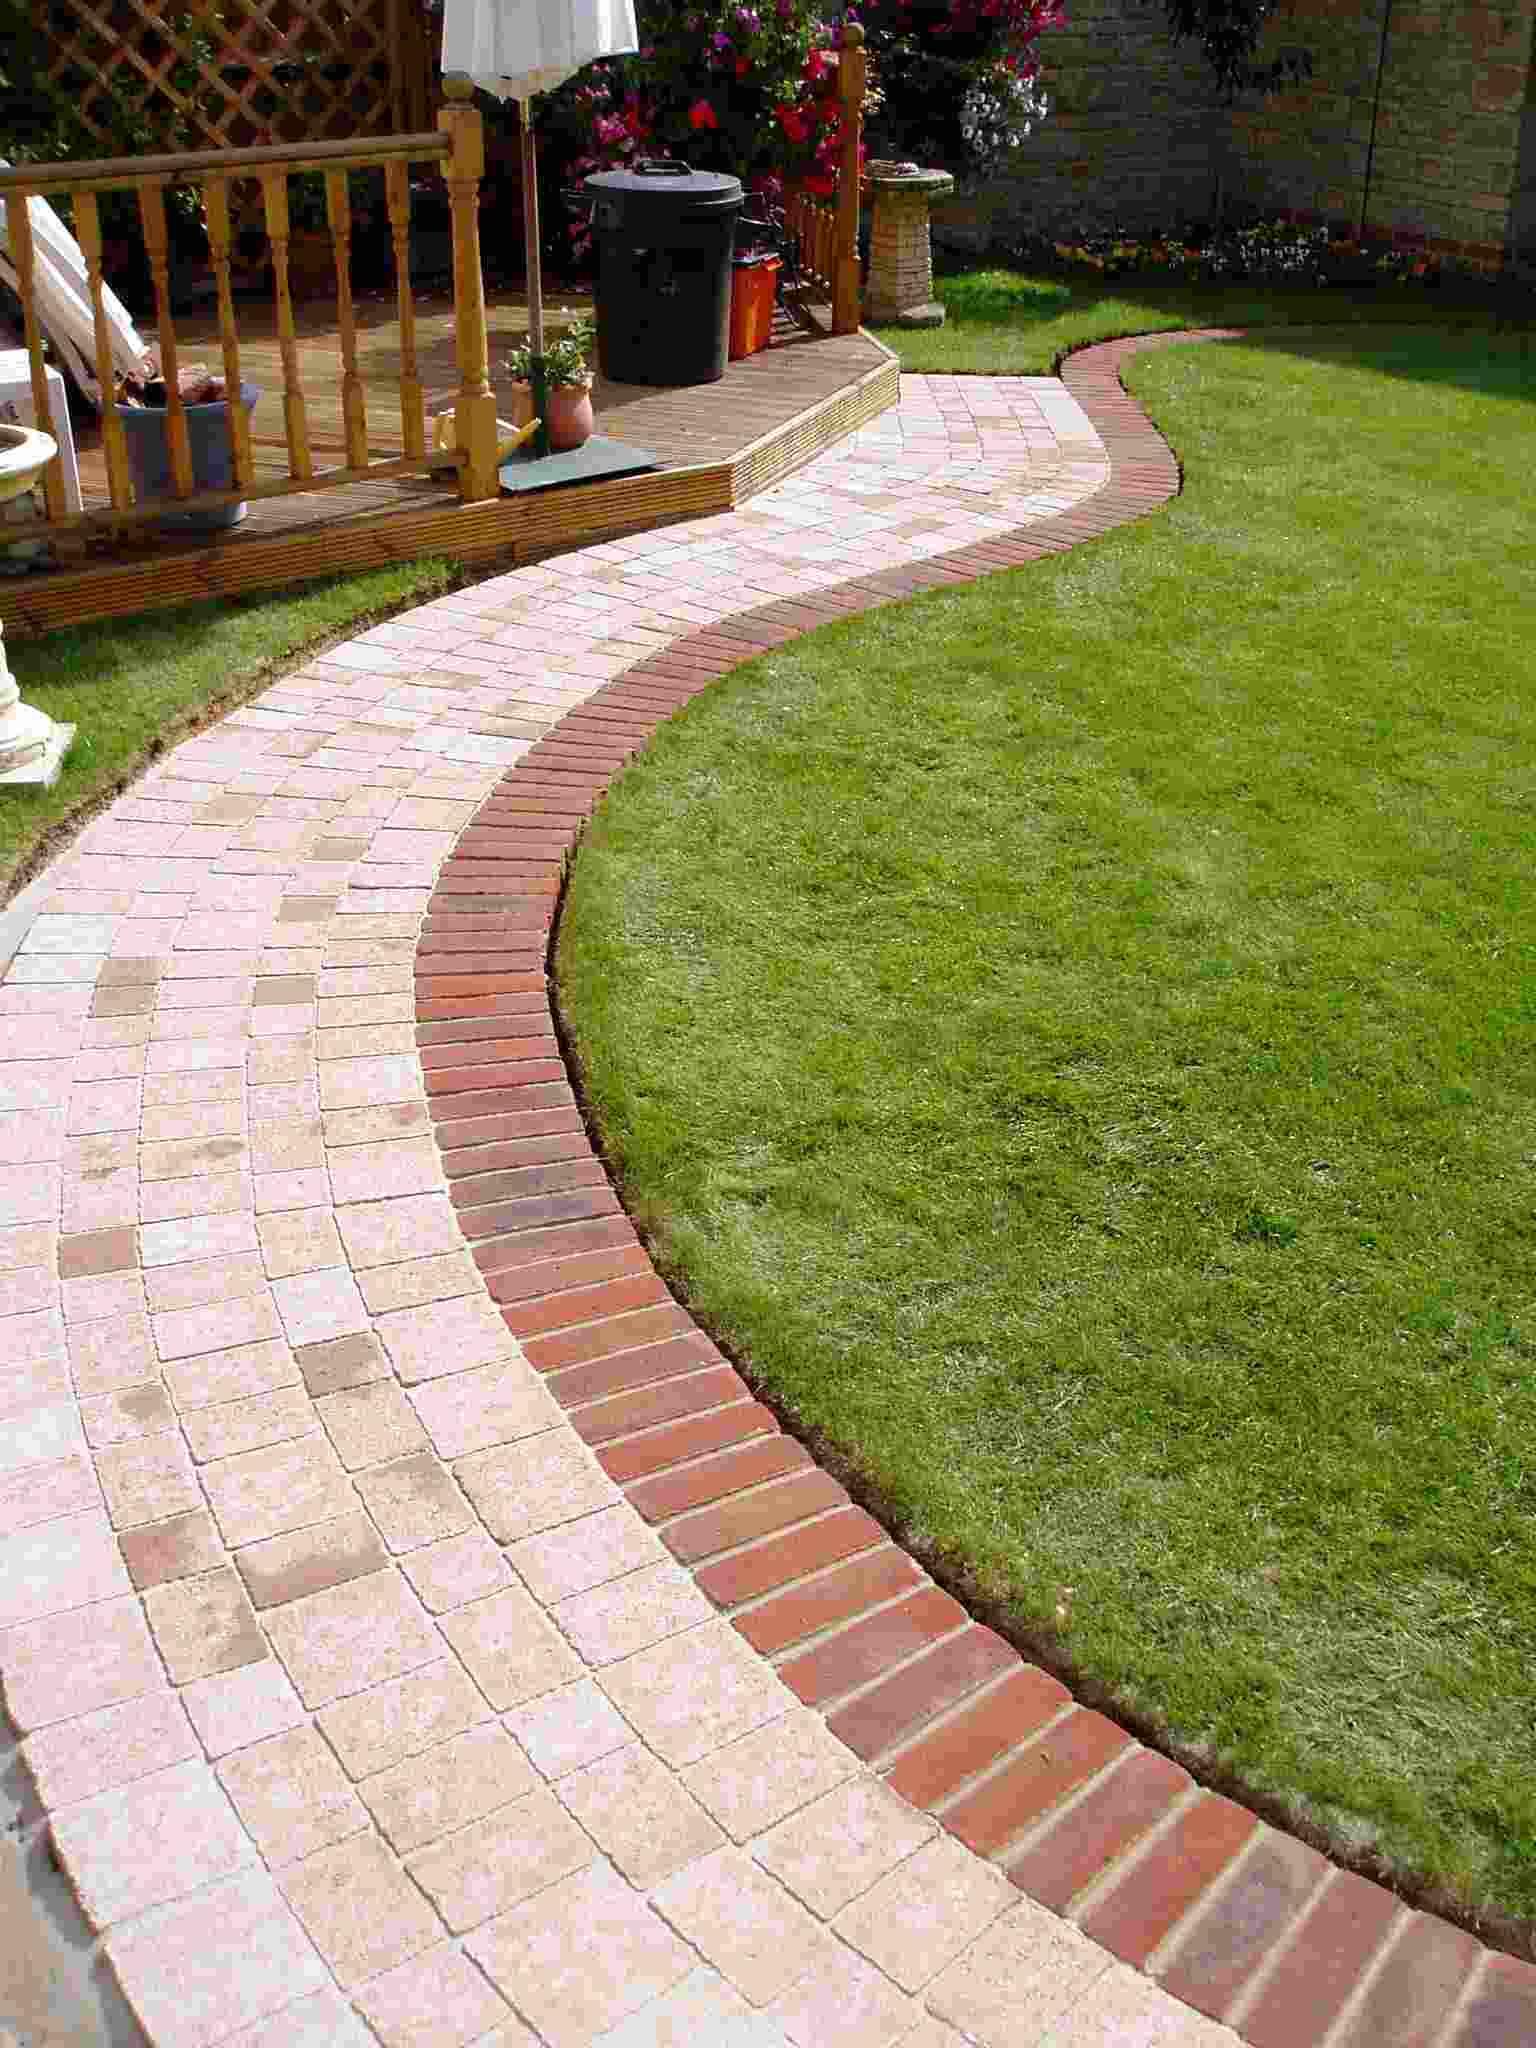 Bordure De Jardin: Préparez Vos Jardins Et Terrasses intérieur Comment Faire Bordure De Jardin